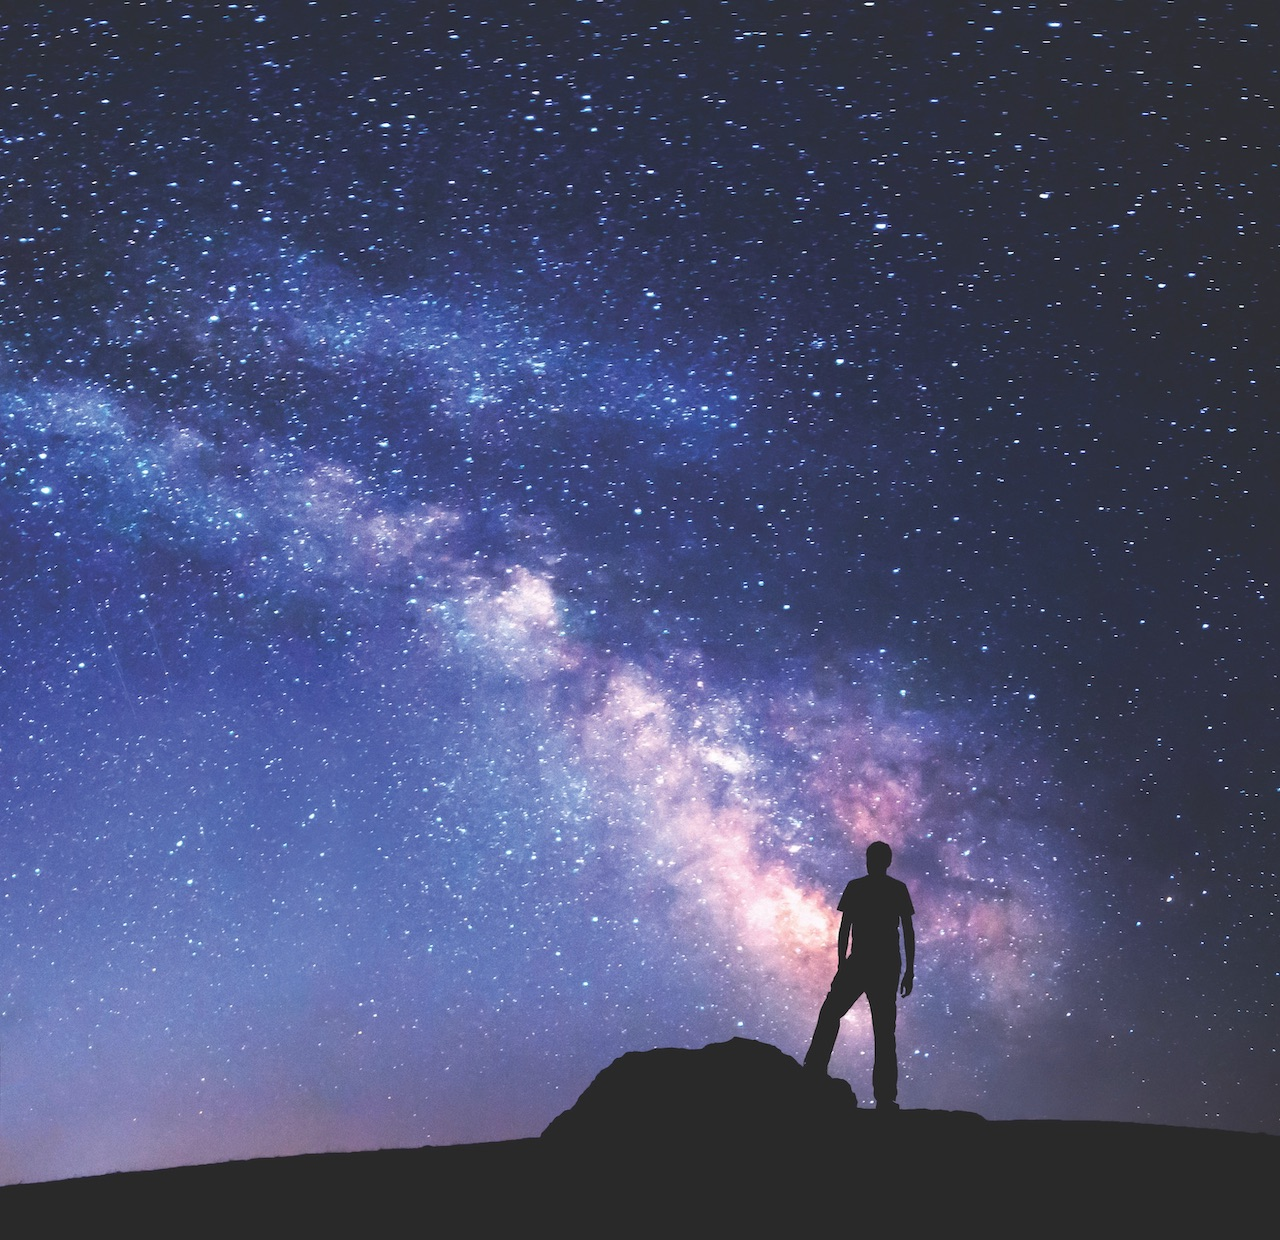 La Voie lactée vue de la Terre.